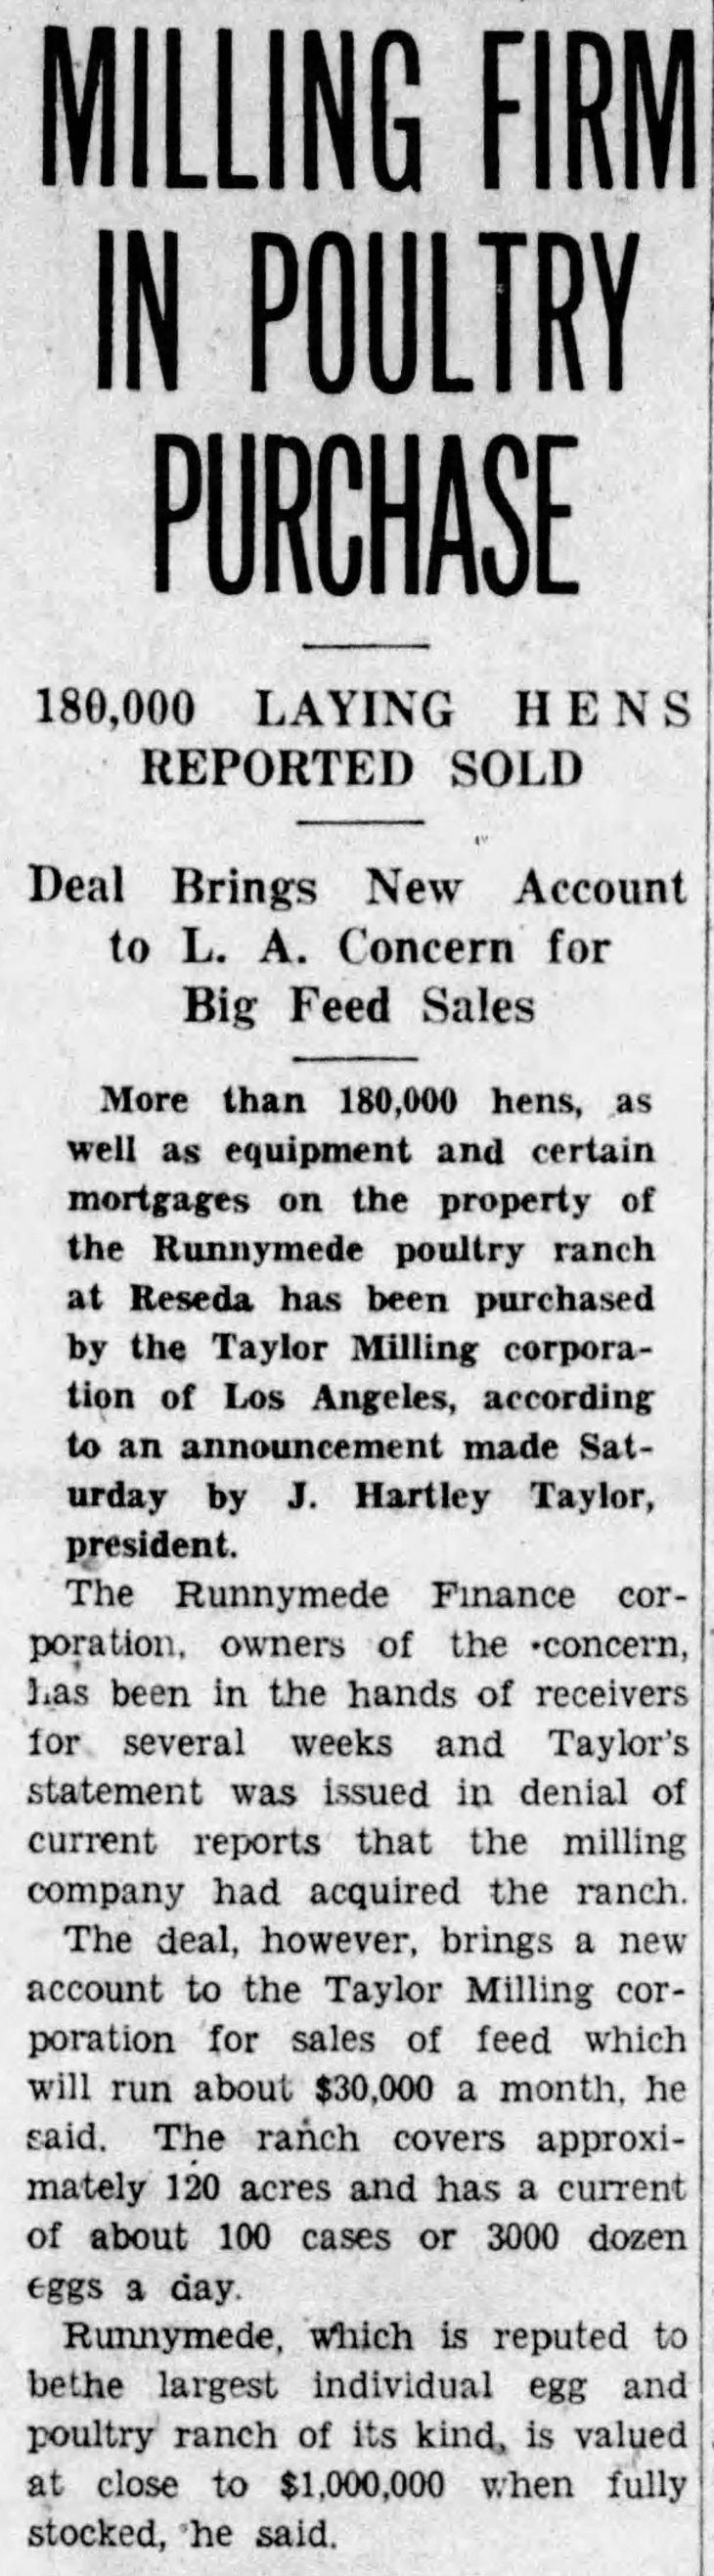 The_Van_Nuys_News_Tue__Dec_23__1930_